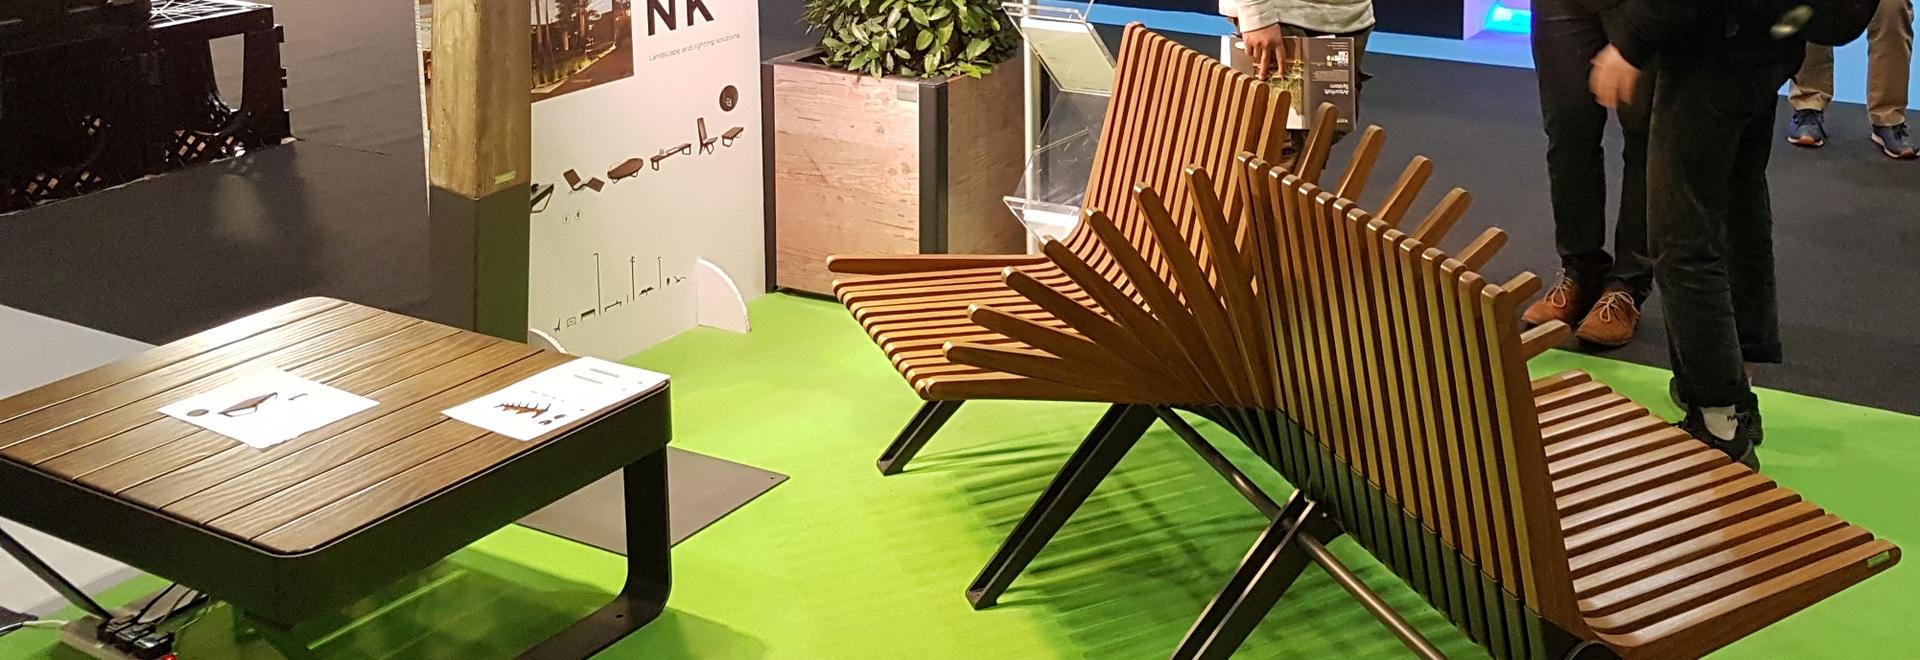 Aubrilam at the Futurebuild exhibition